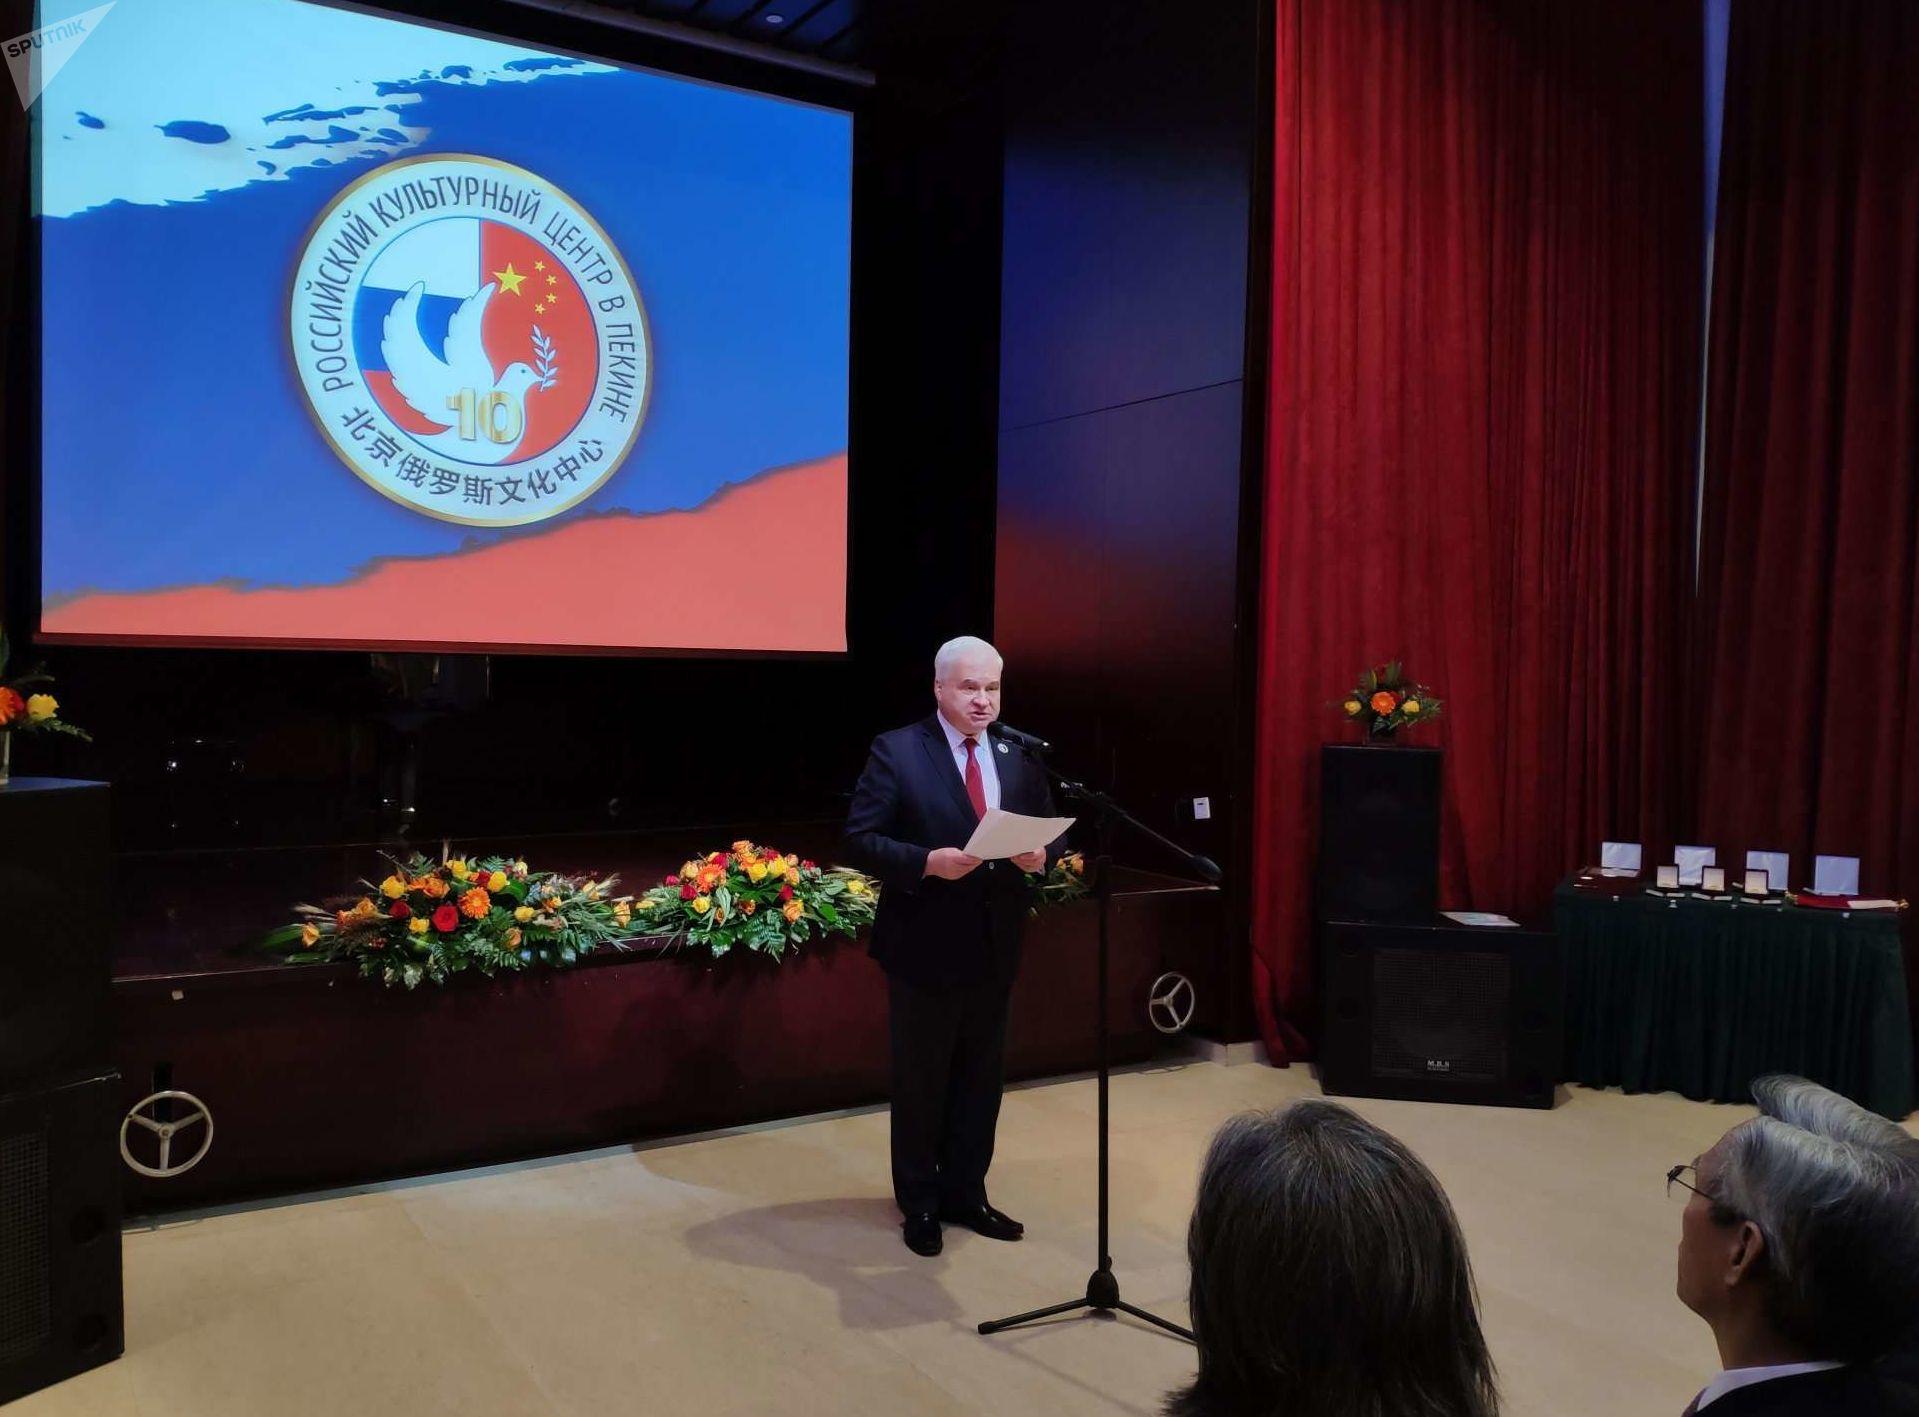 俄驻华大使杰尼索夫宣读梅德韦杰夫关于北京俄罗斯文化中心成立十周年的贺电